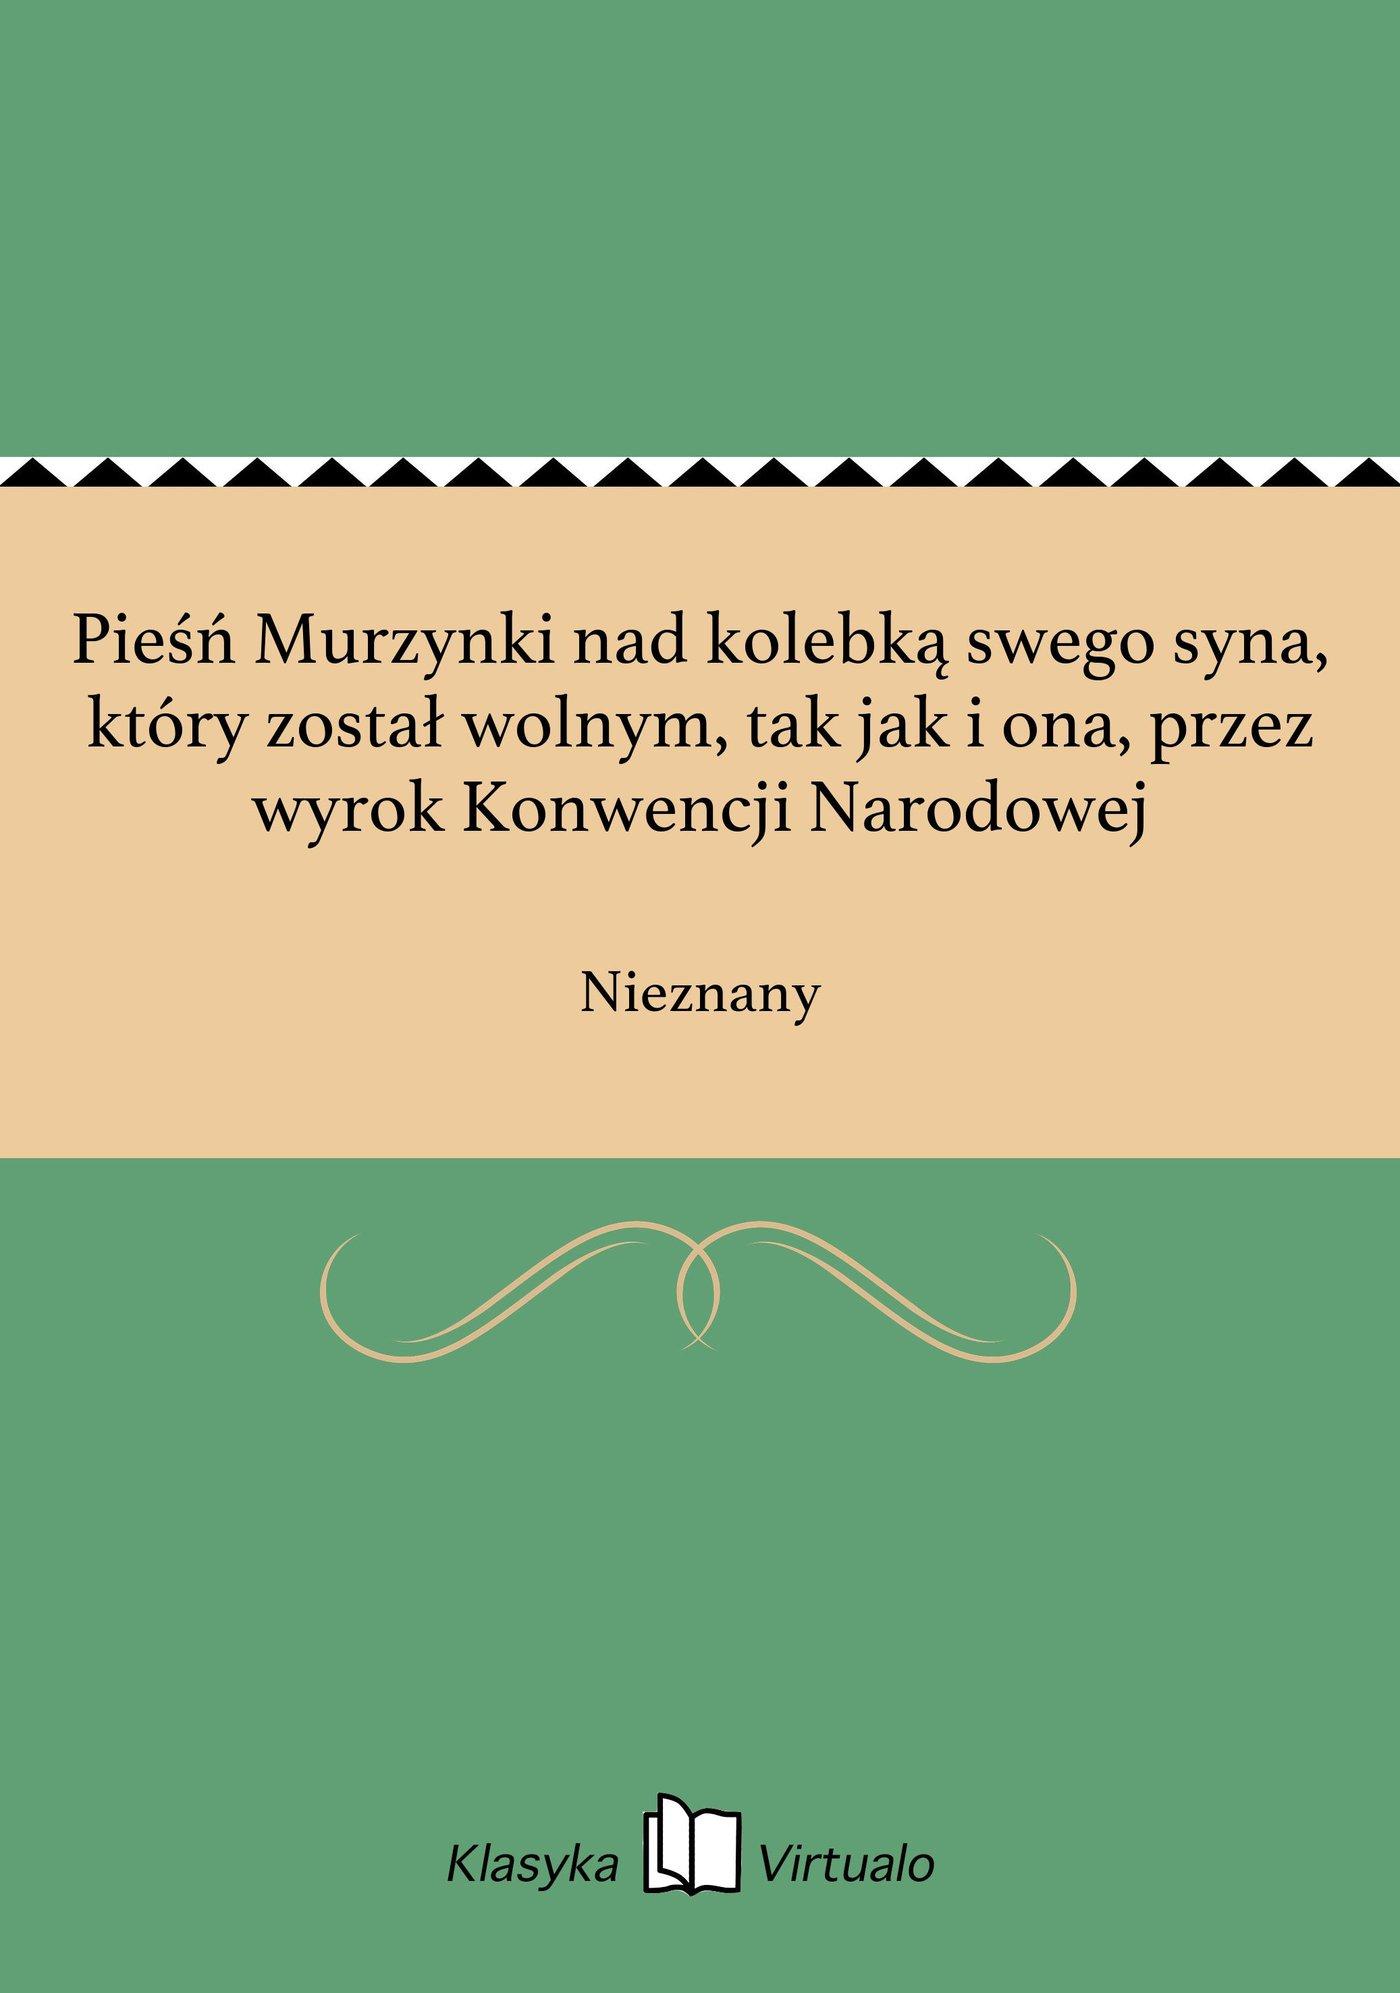 Pieśń Murzynki nad kolebką swego syna, który został wolnym, tak jak i ona, przez wyrok Konwencji Narodowej - Ebook (Książka na Kindle) do pobrania w formacie MOBI